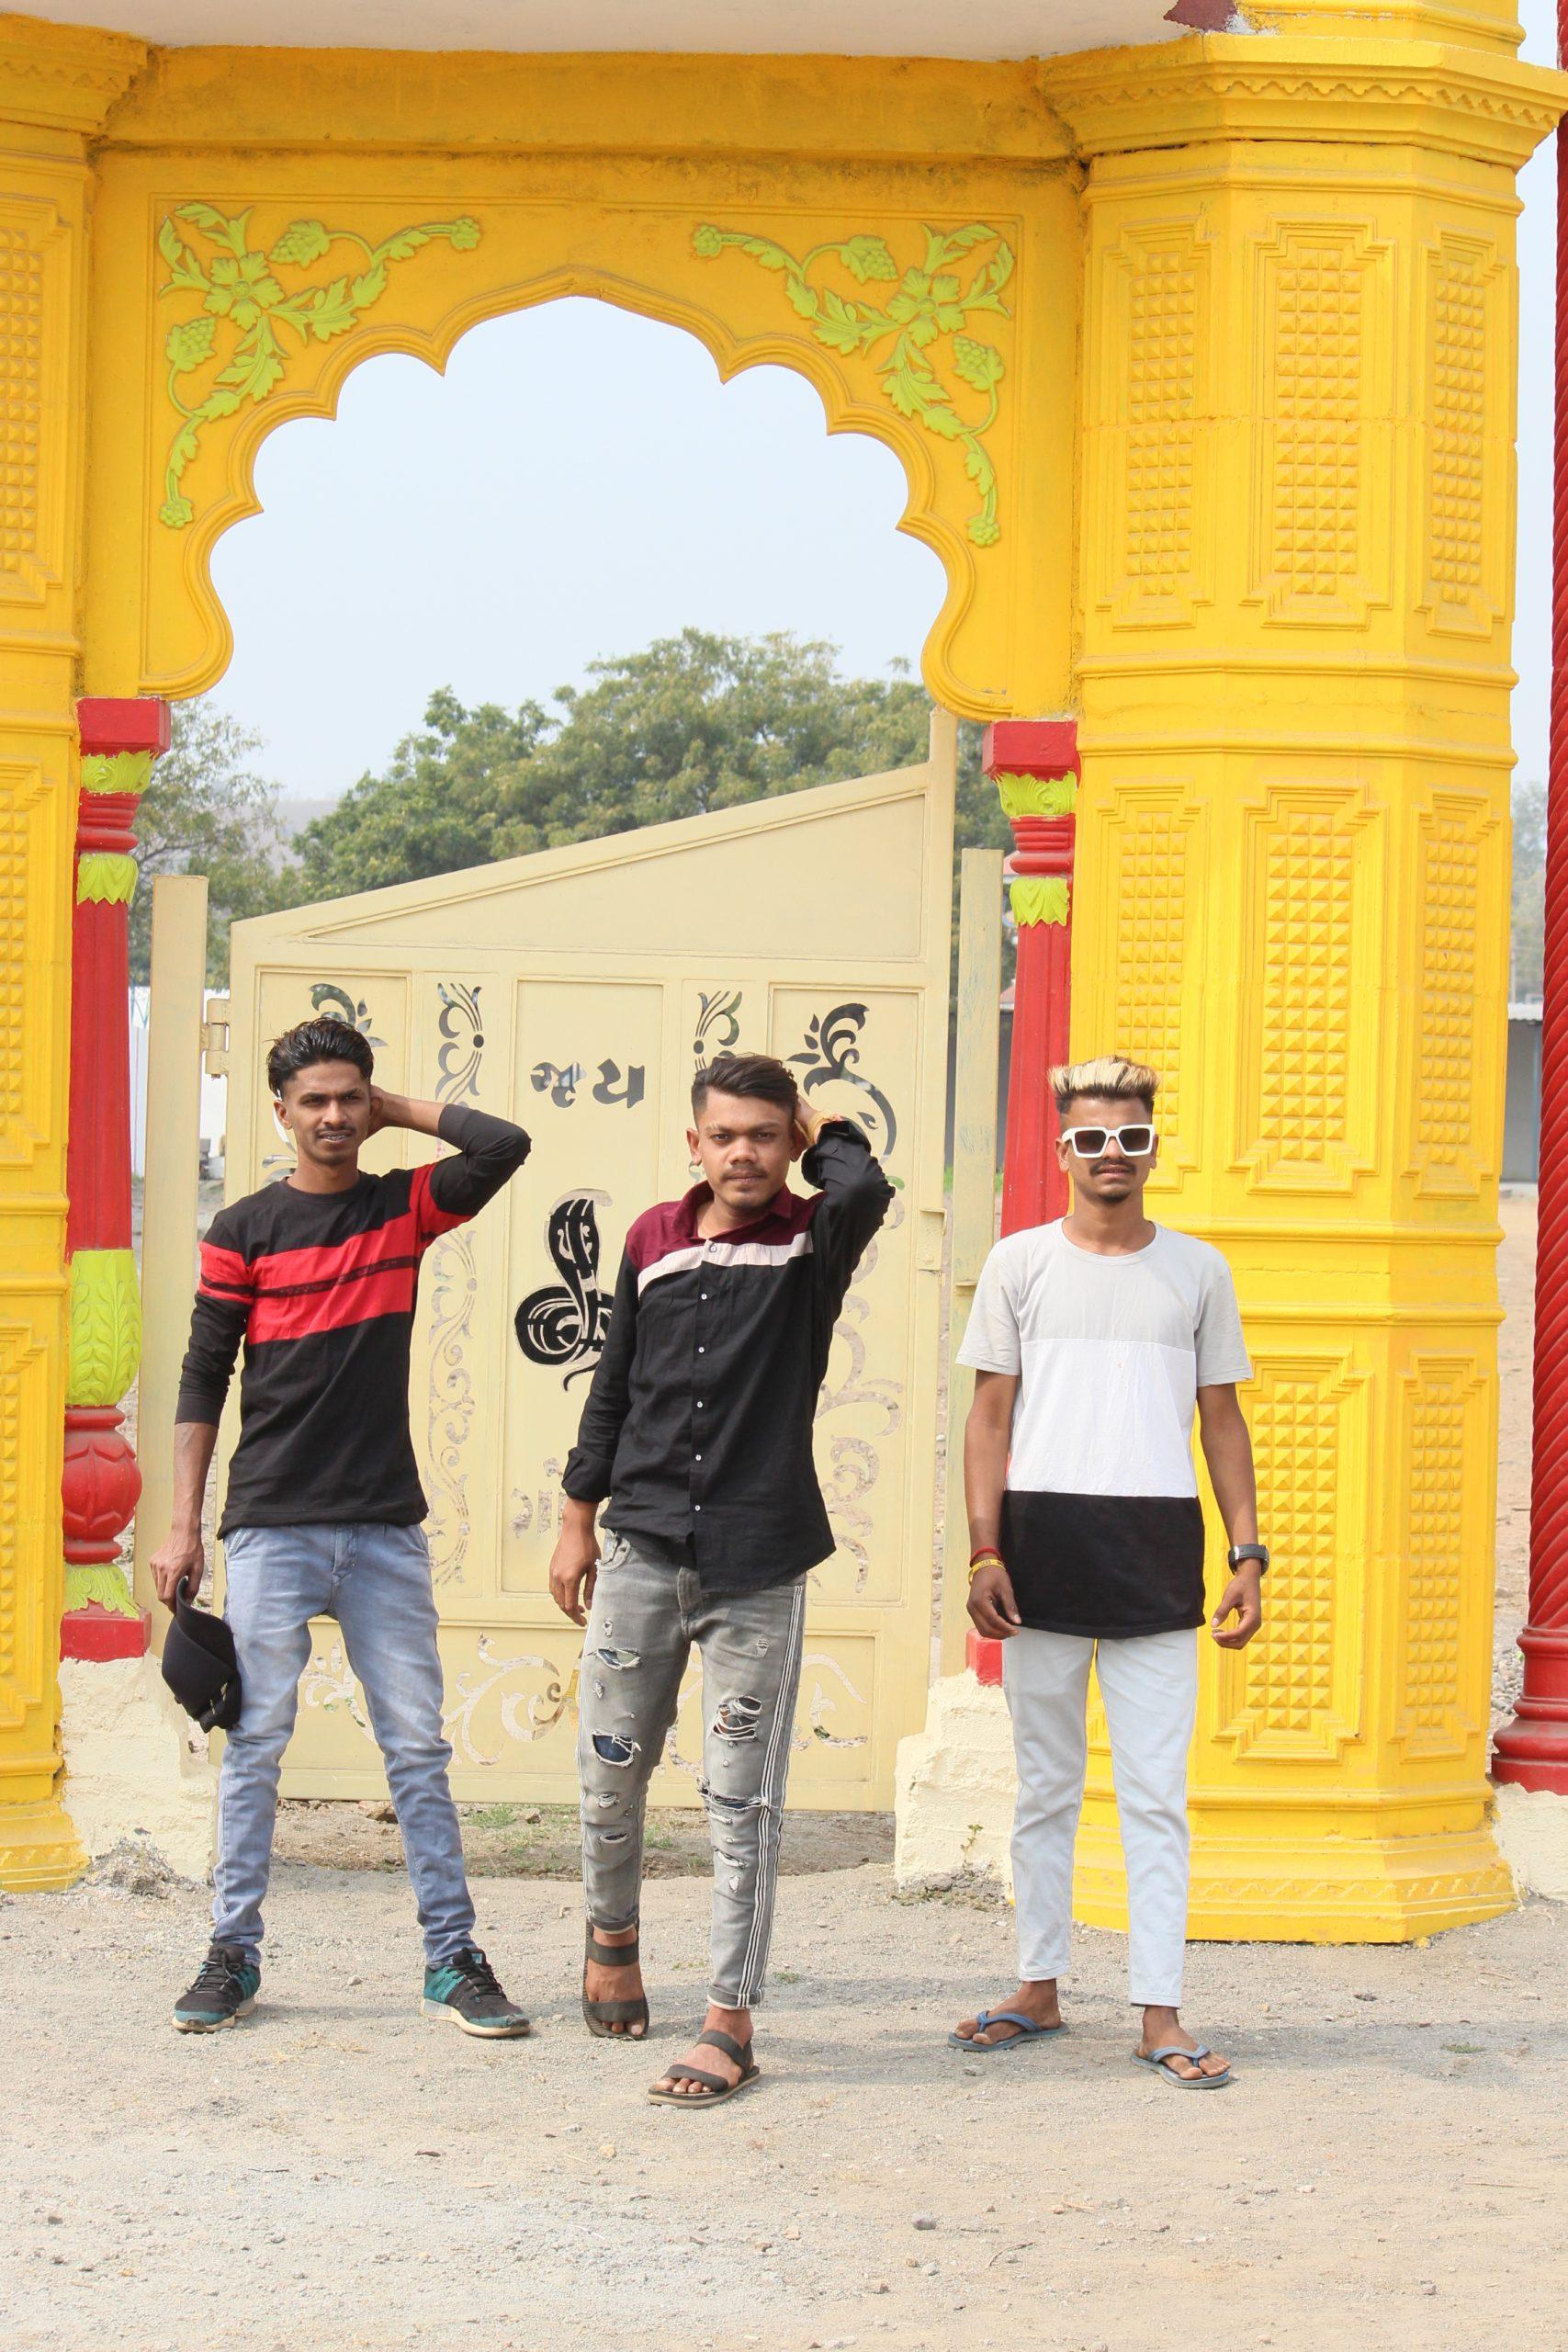 Three boys near a gate